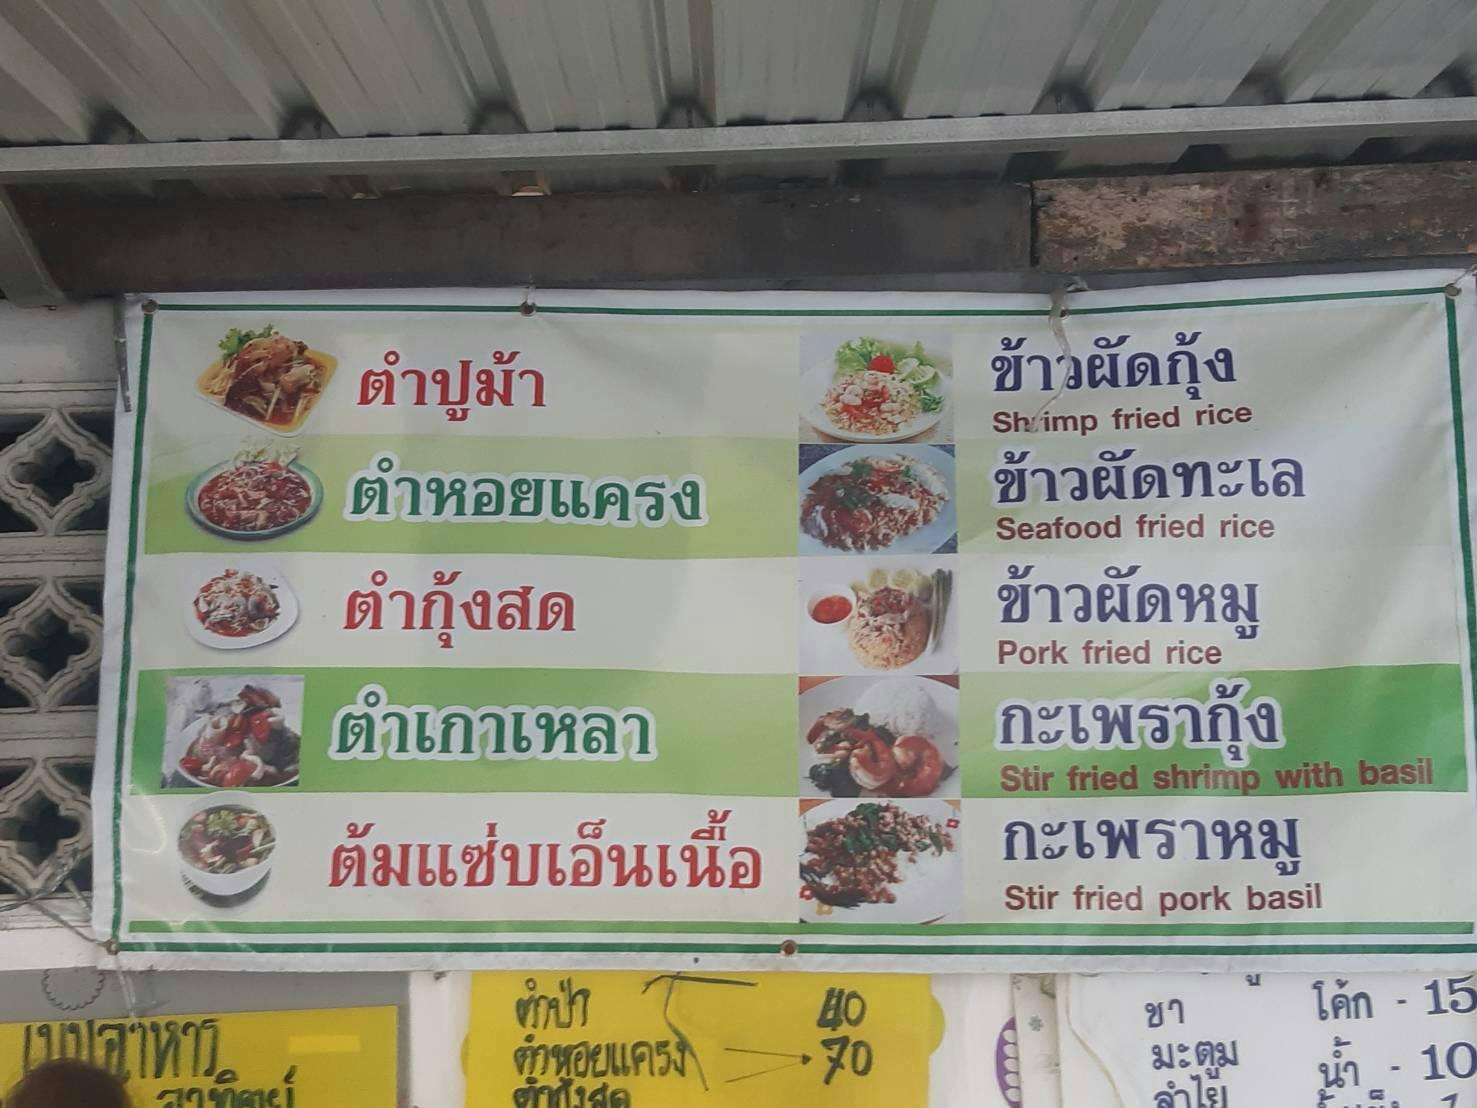 อาหารอีสานแซ่บ ๆ ตลาดแม่กลอง